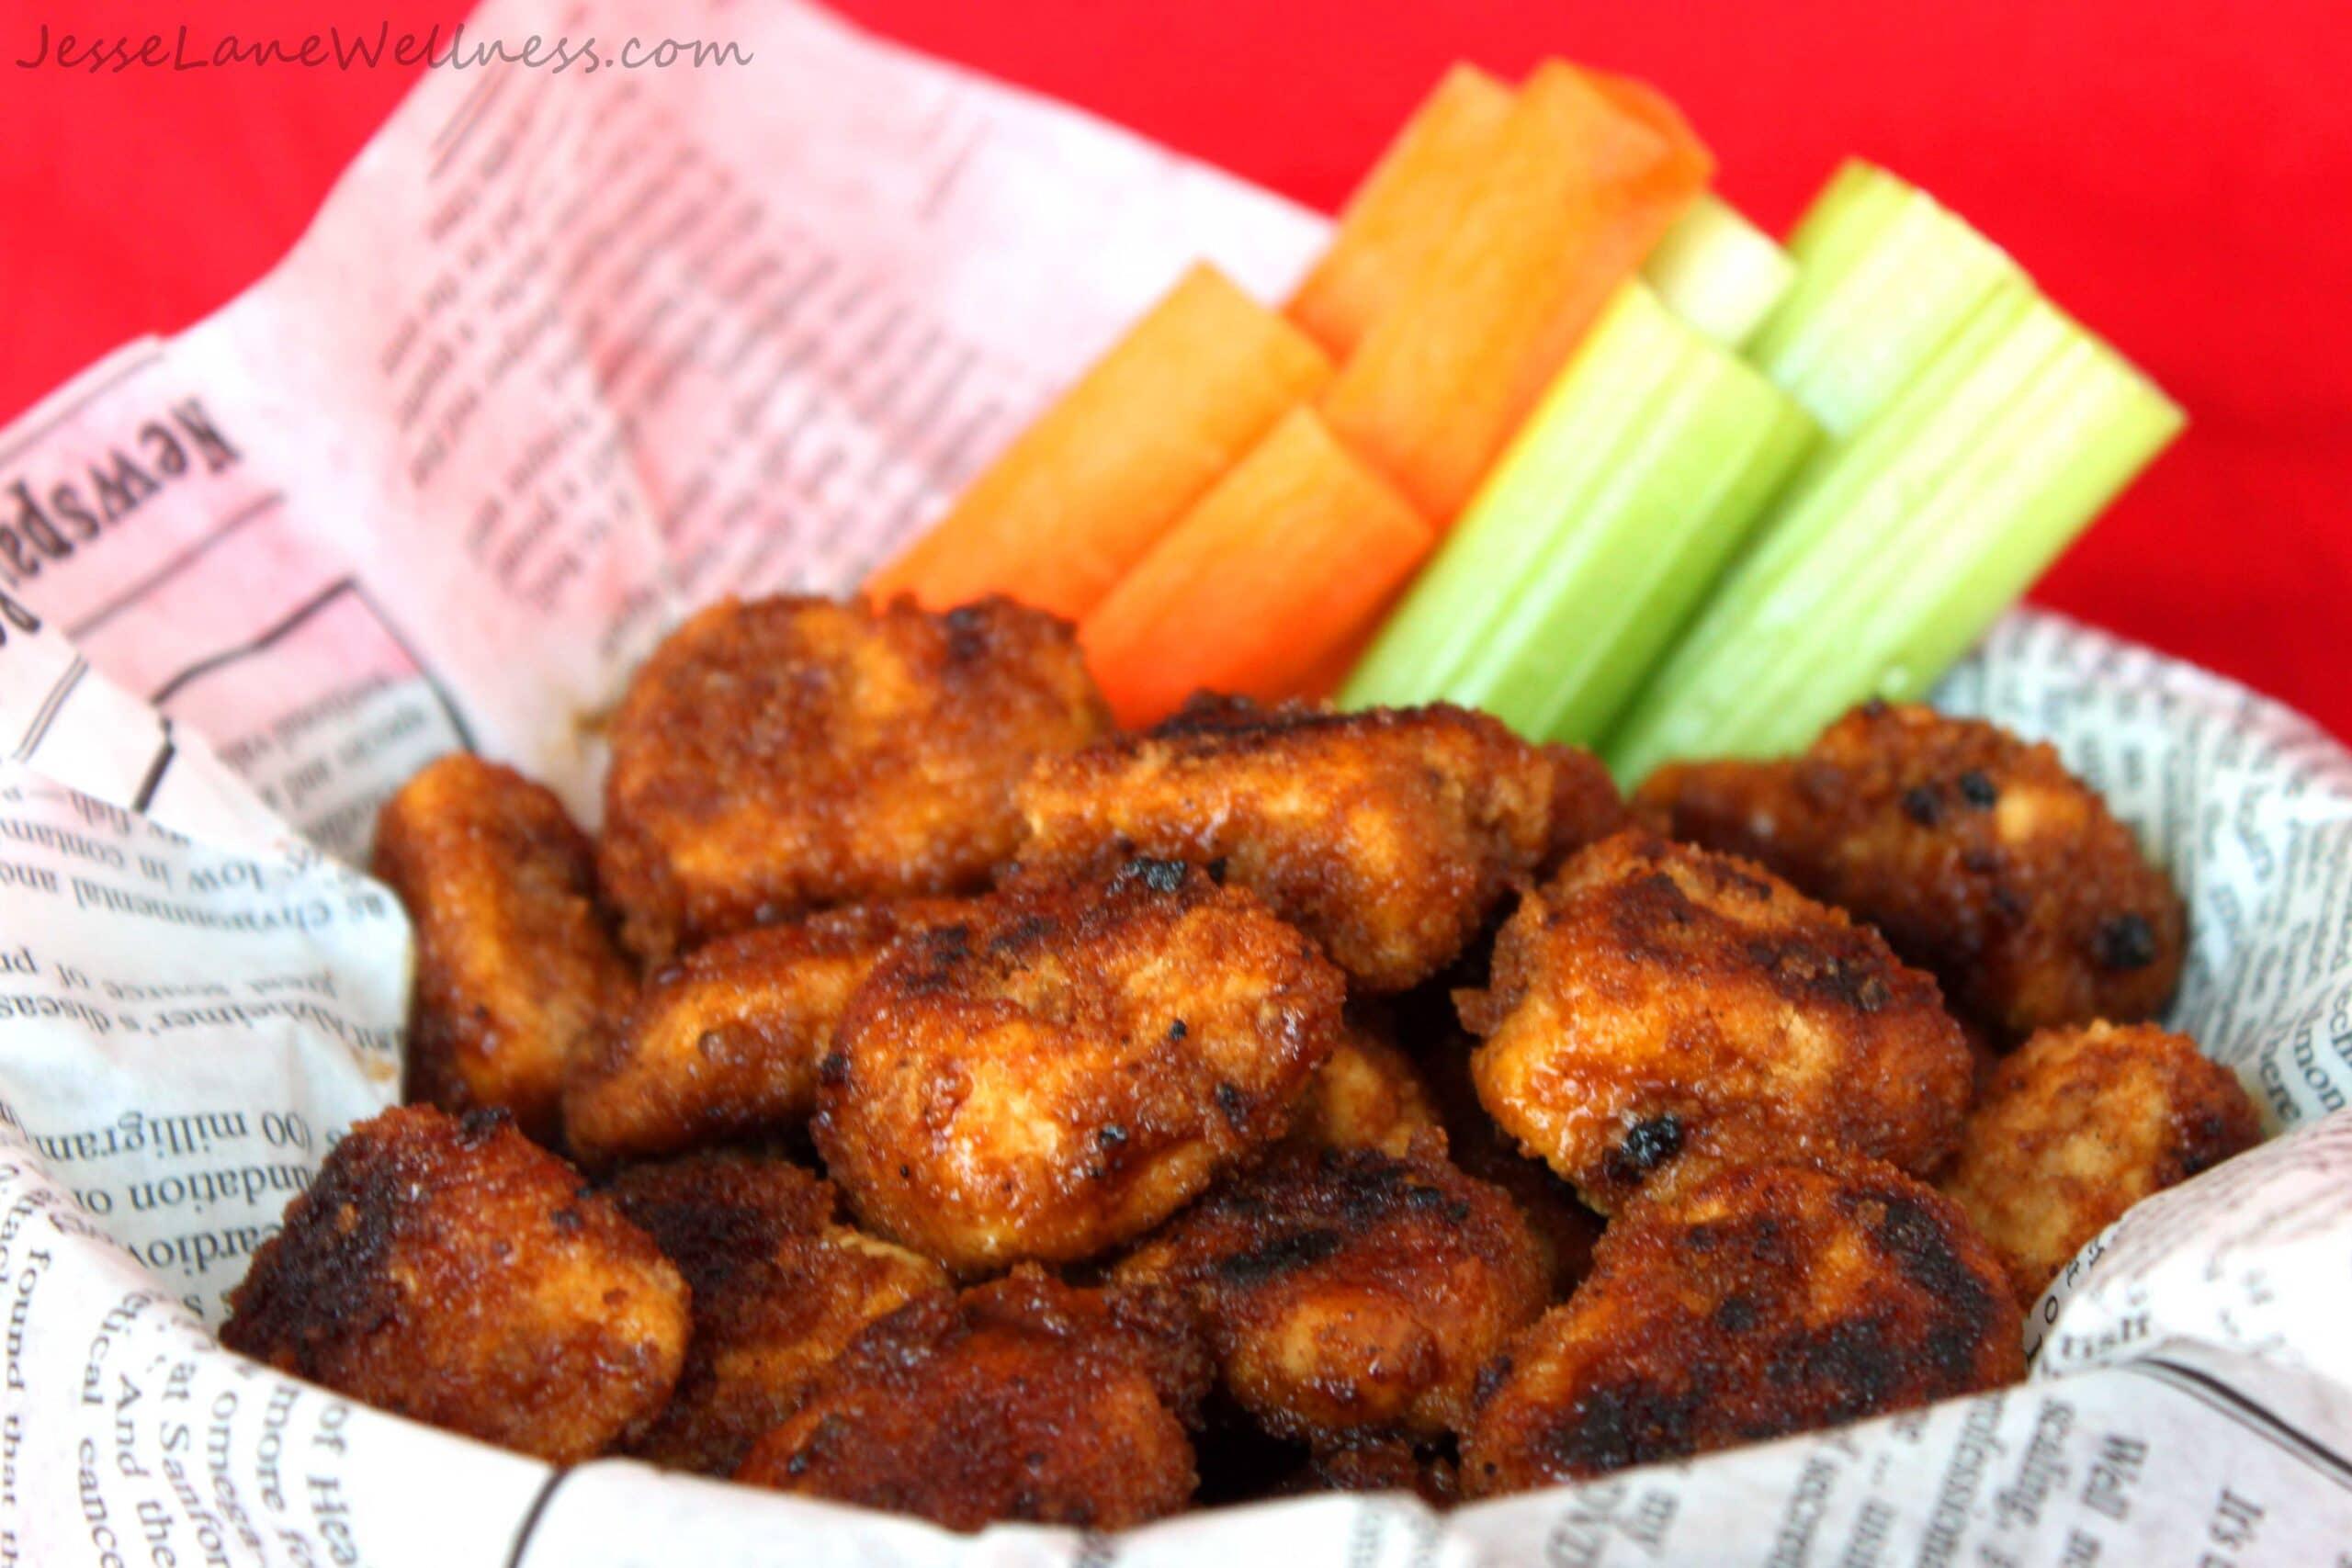 boneless chicken wings gluten free by jesse lane